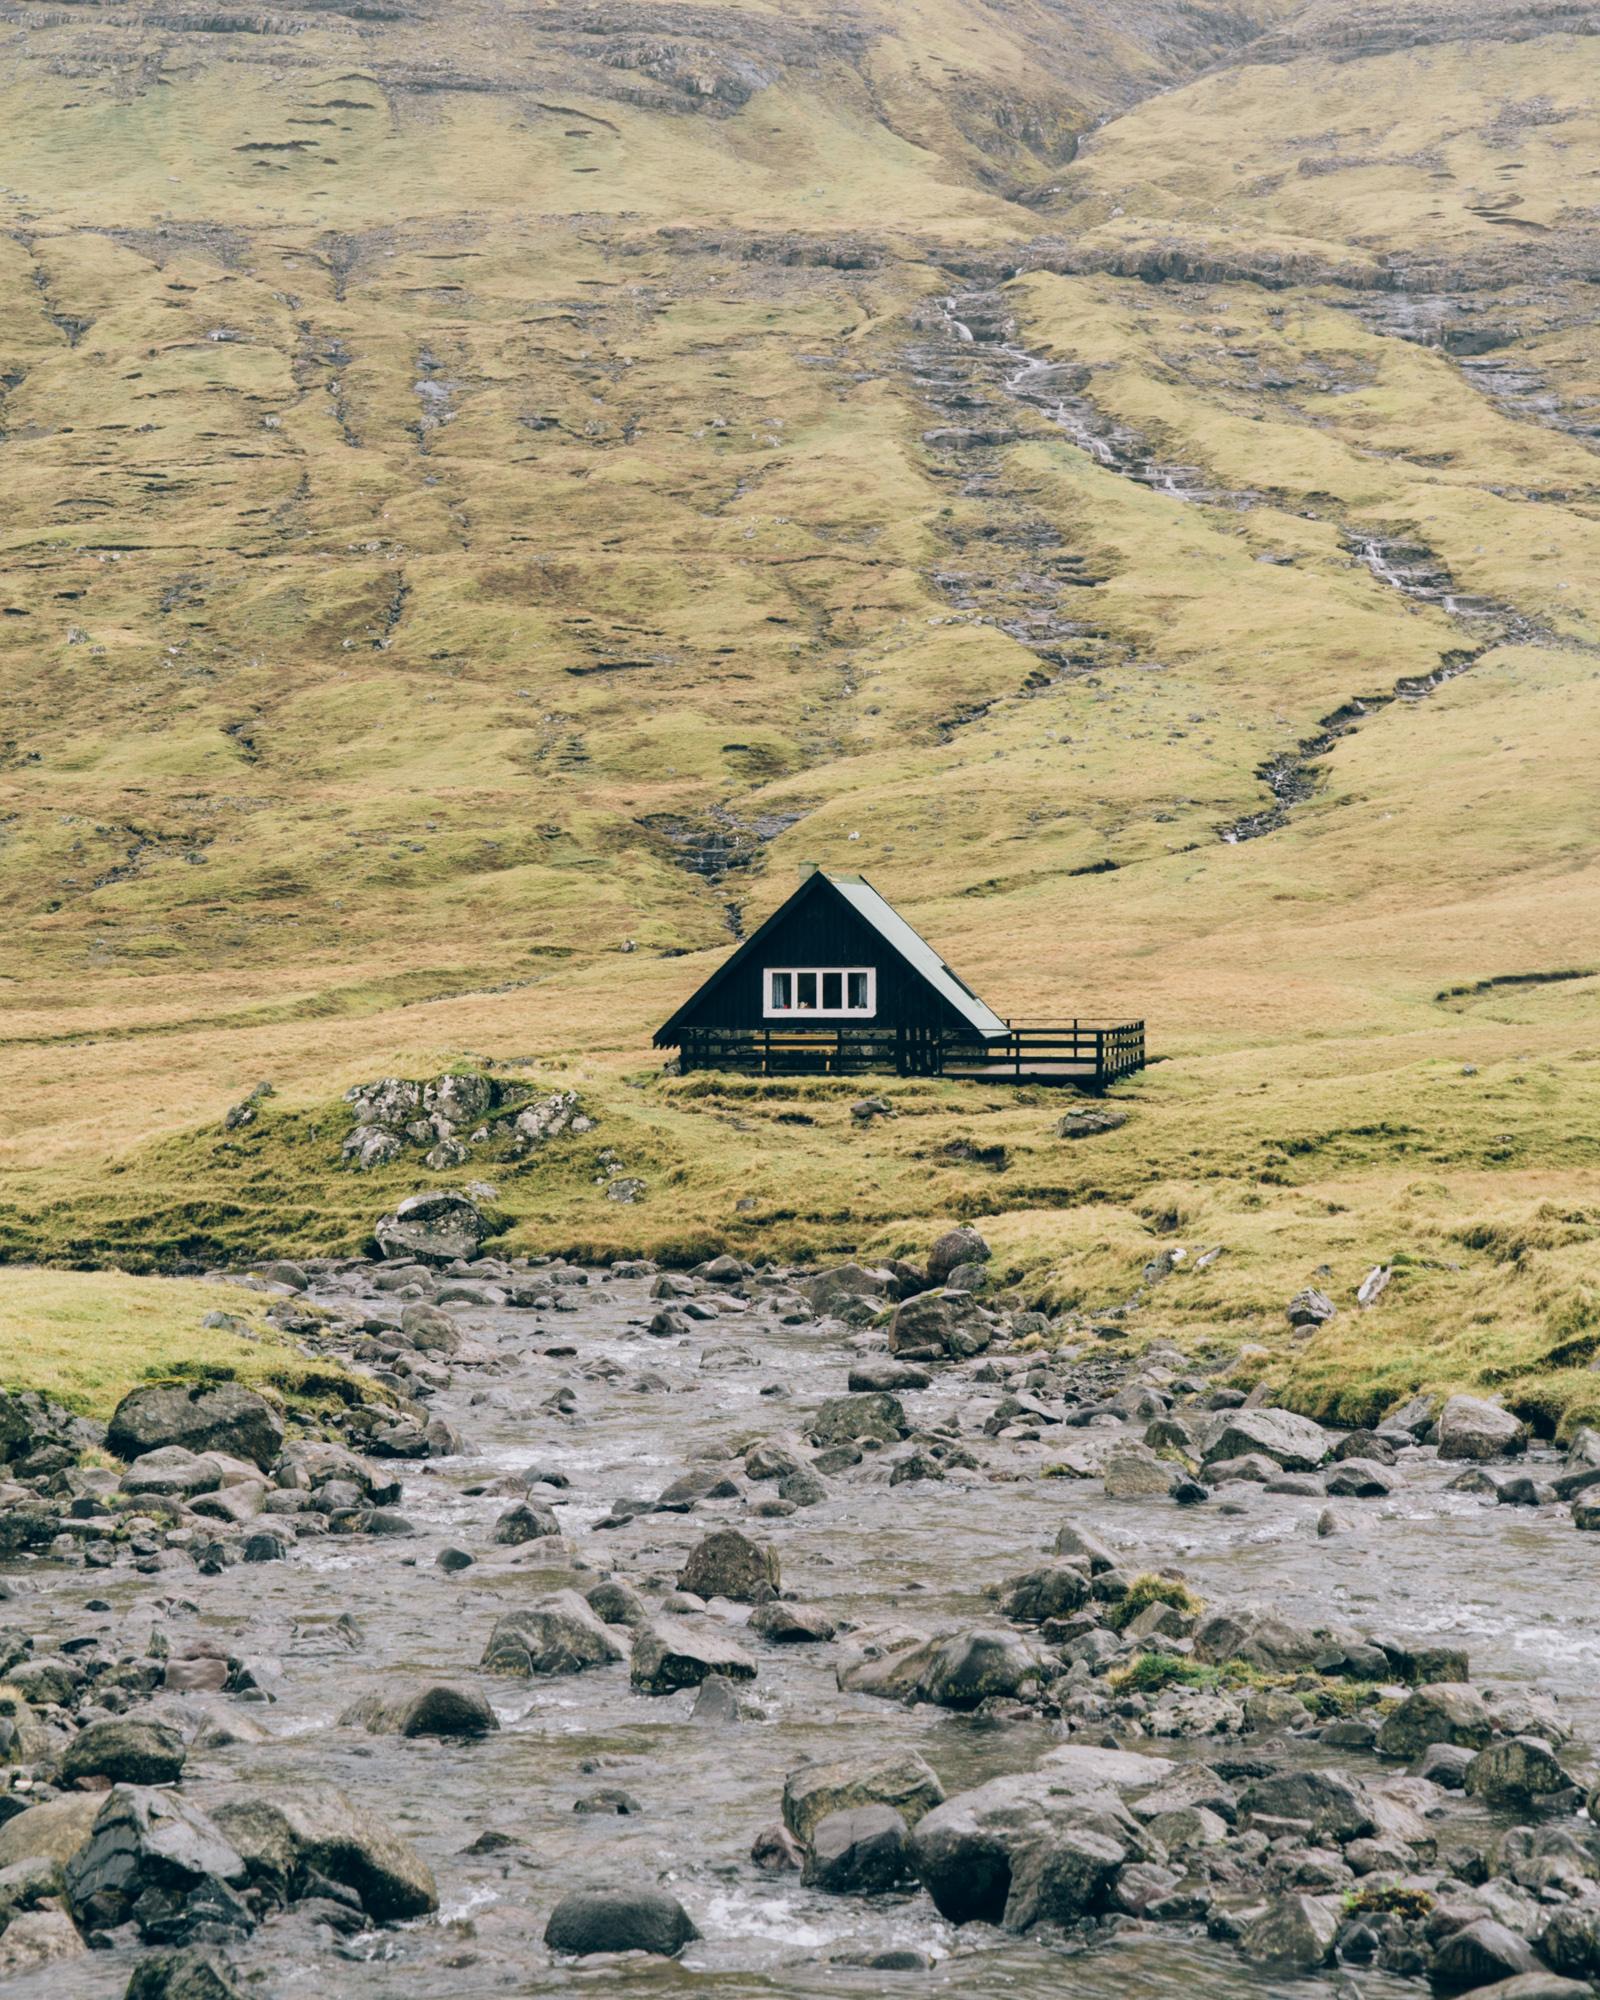 wrenee_faroe_islands-7.jpg